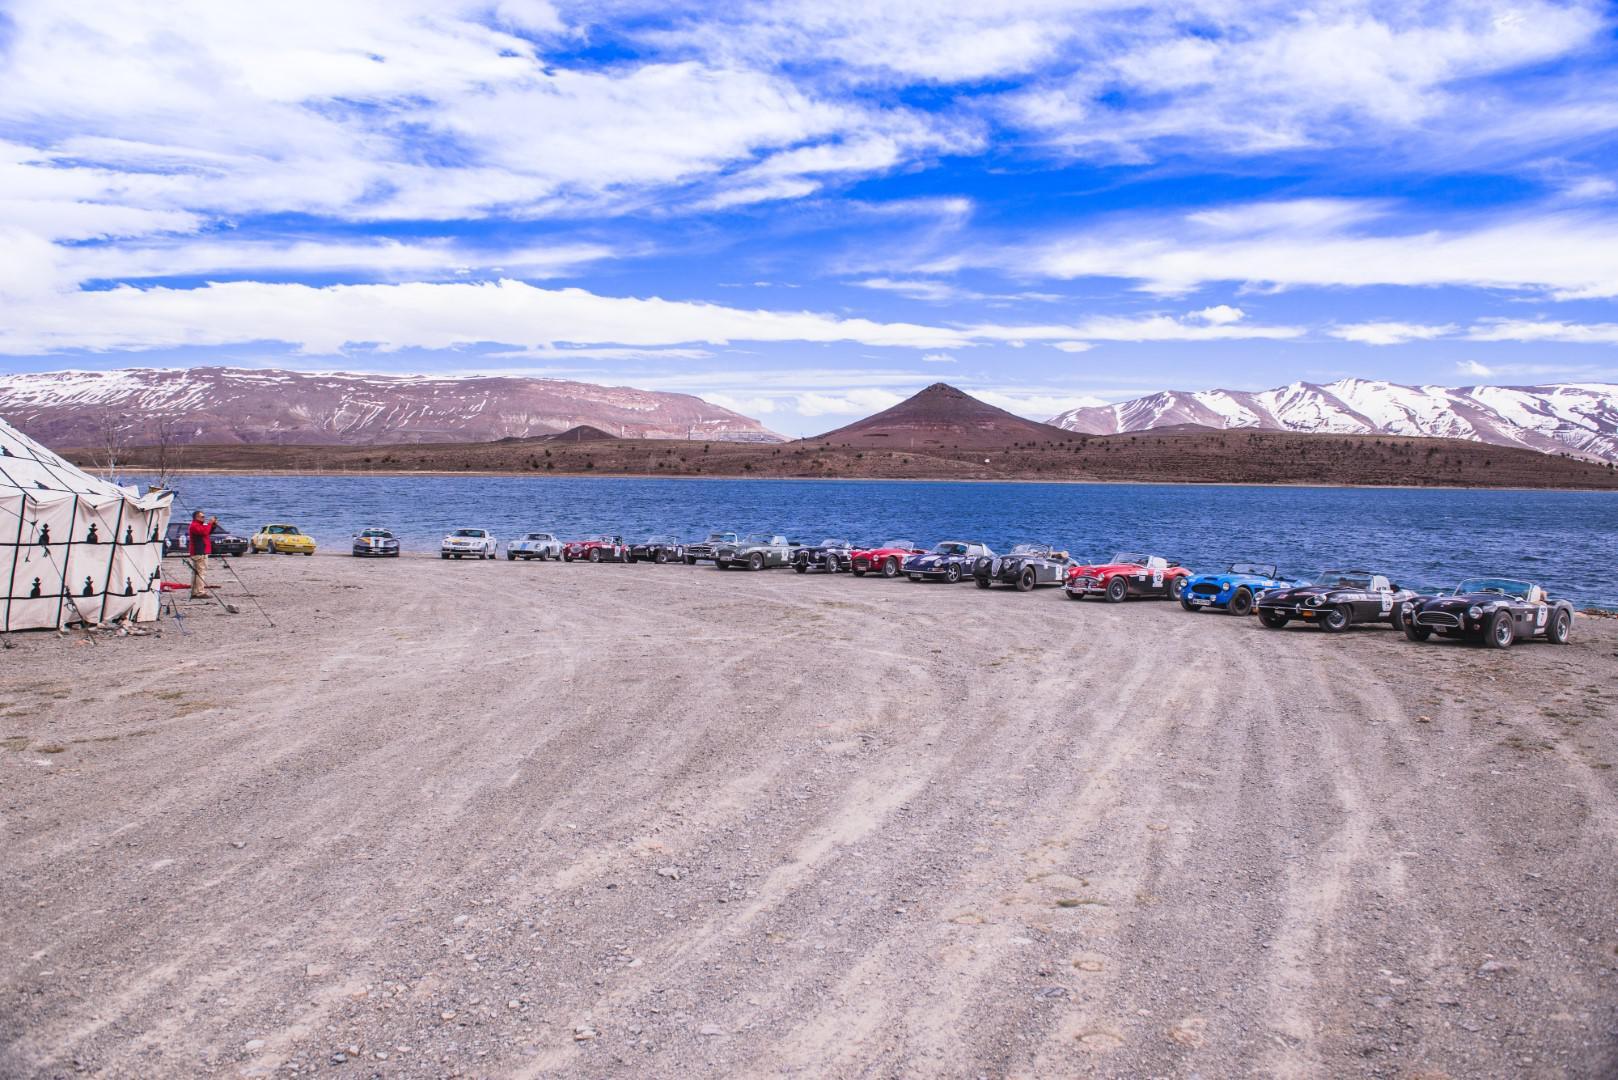 victoire-marocaine-pour-le-25eme-anniversaire-du-rallye-maroc-classic-680-23.jpg